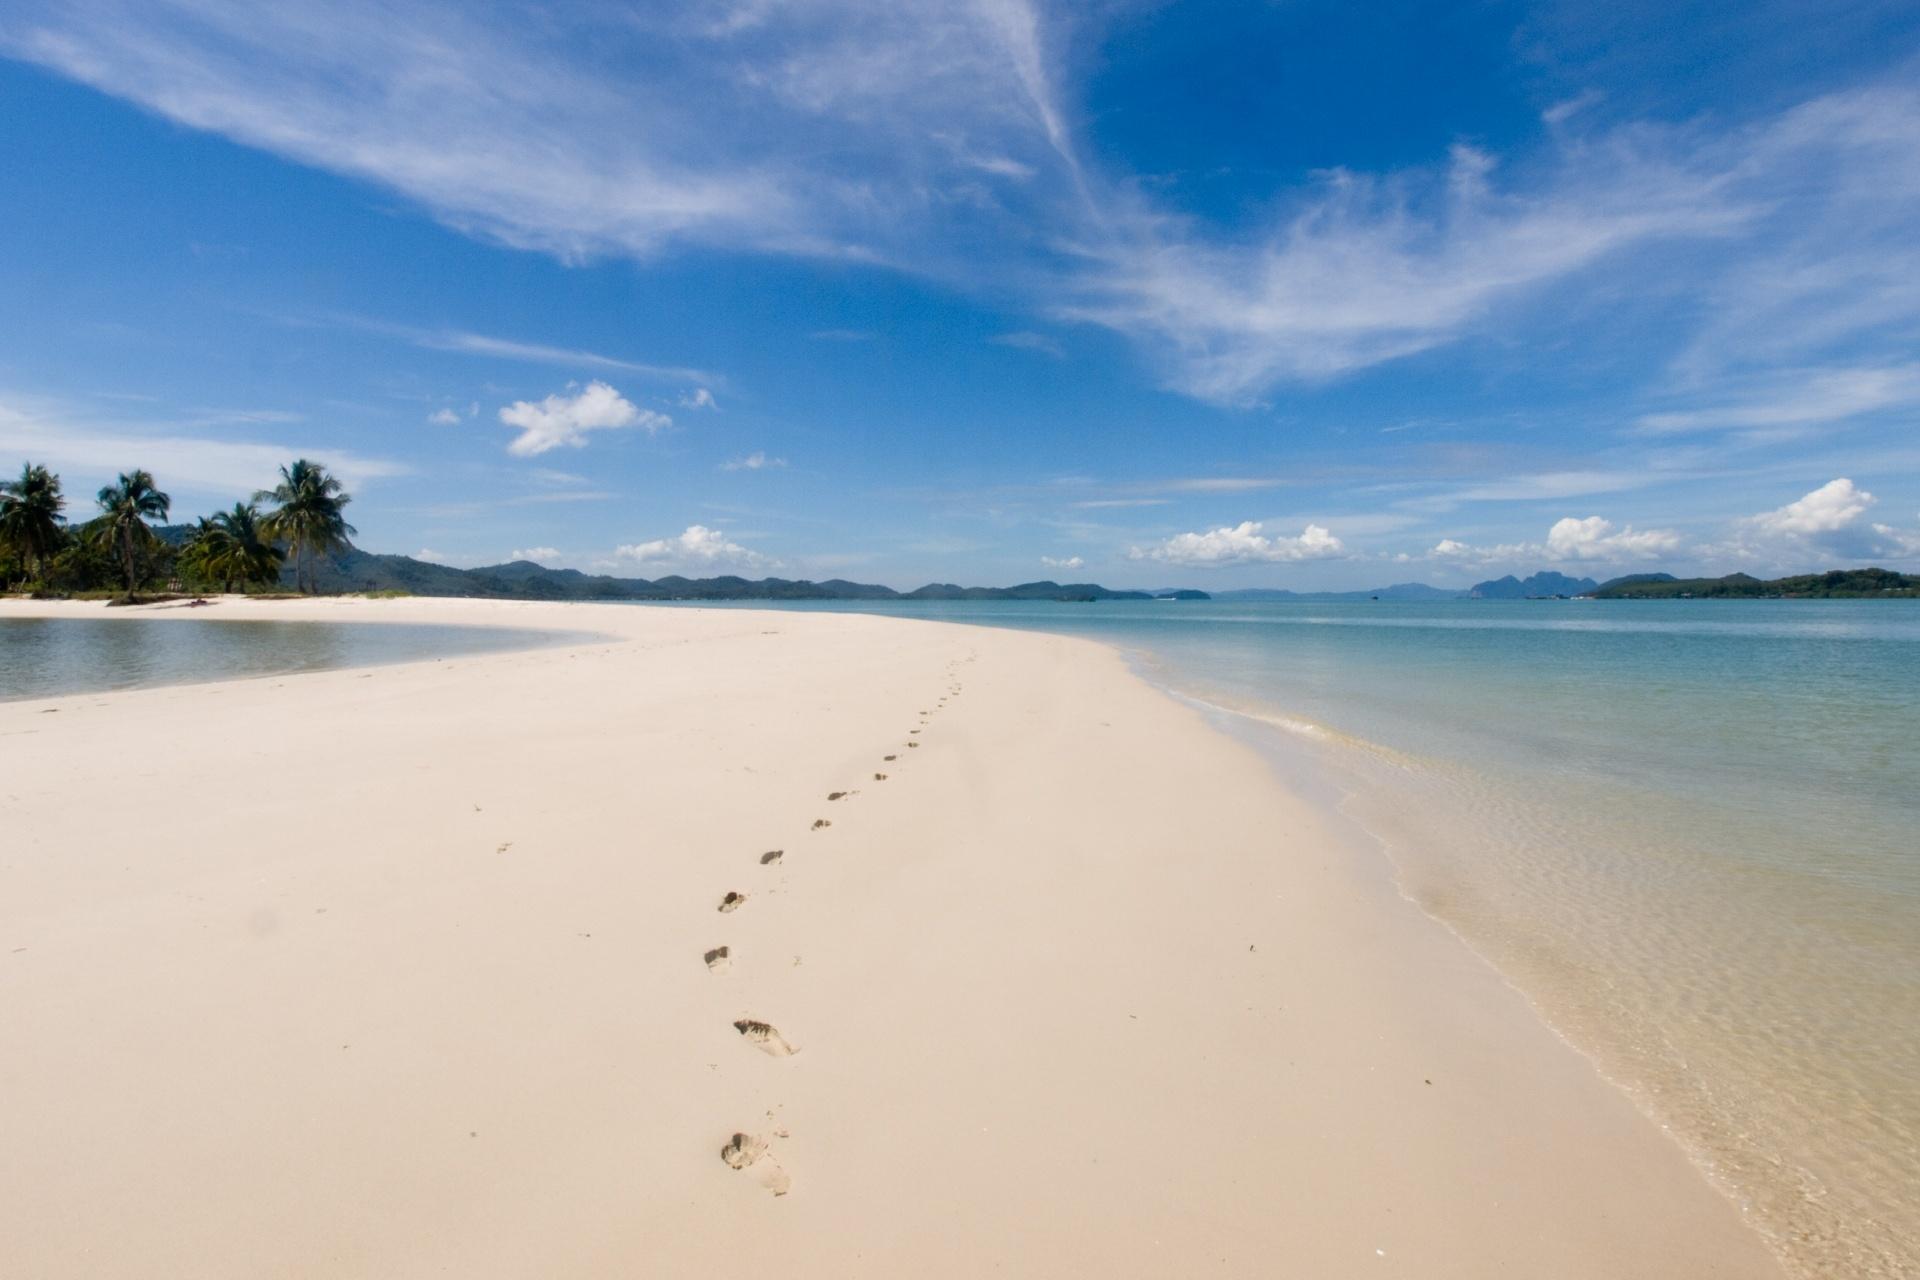 ヤオヤイ島の風景 タイの風景